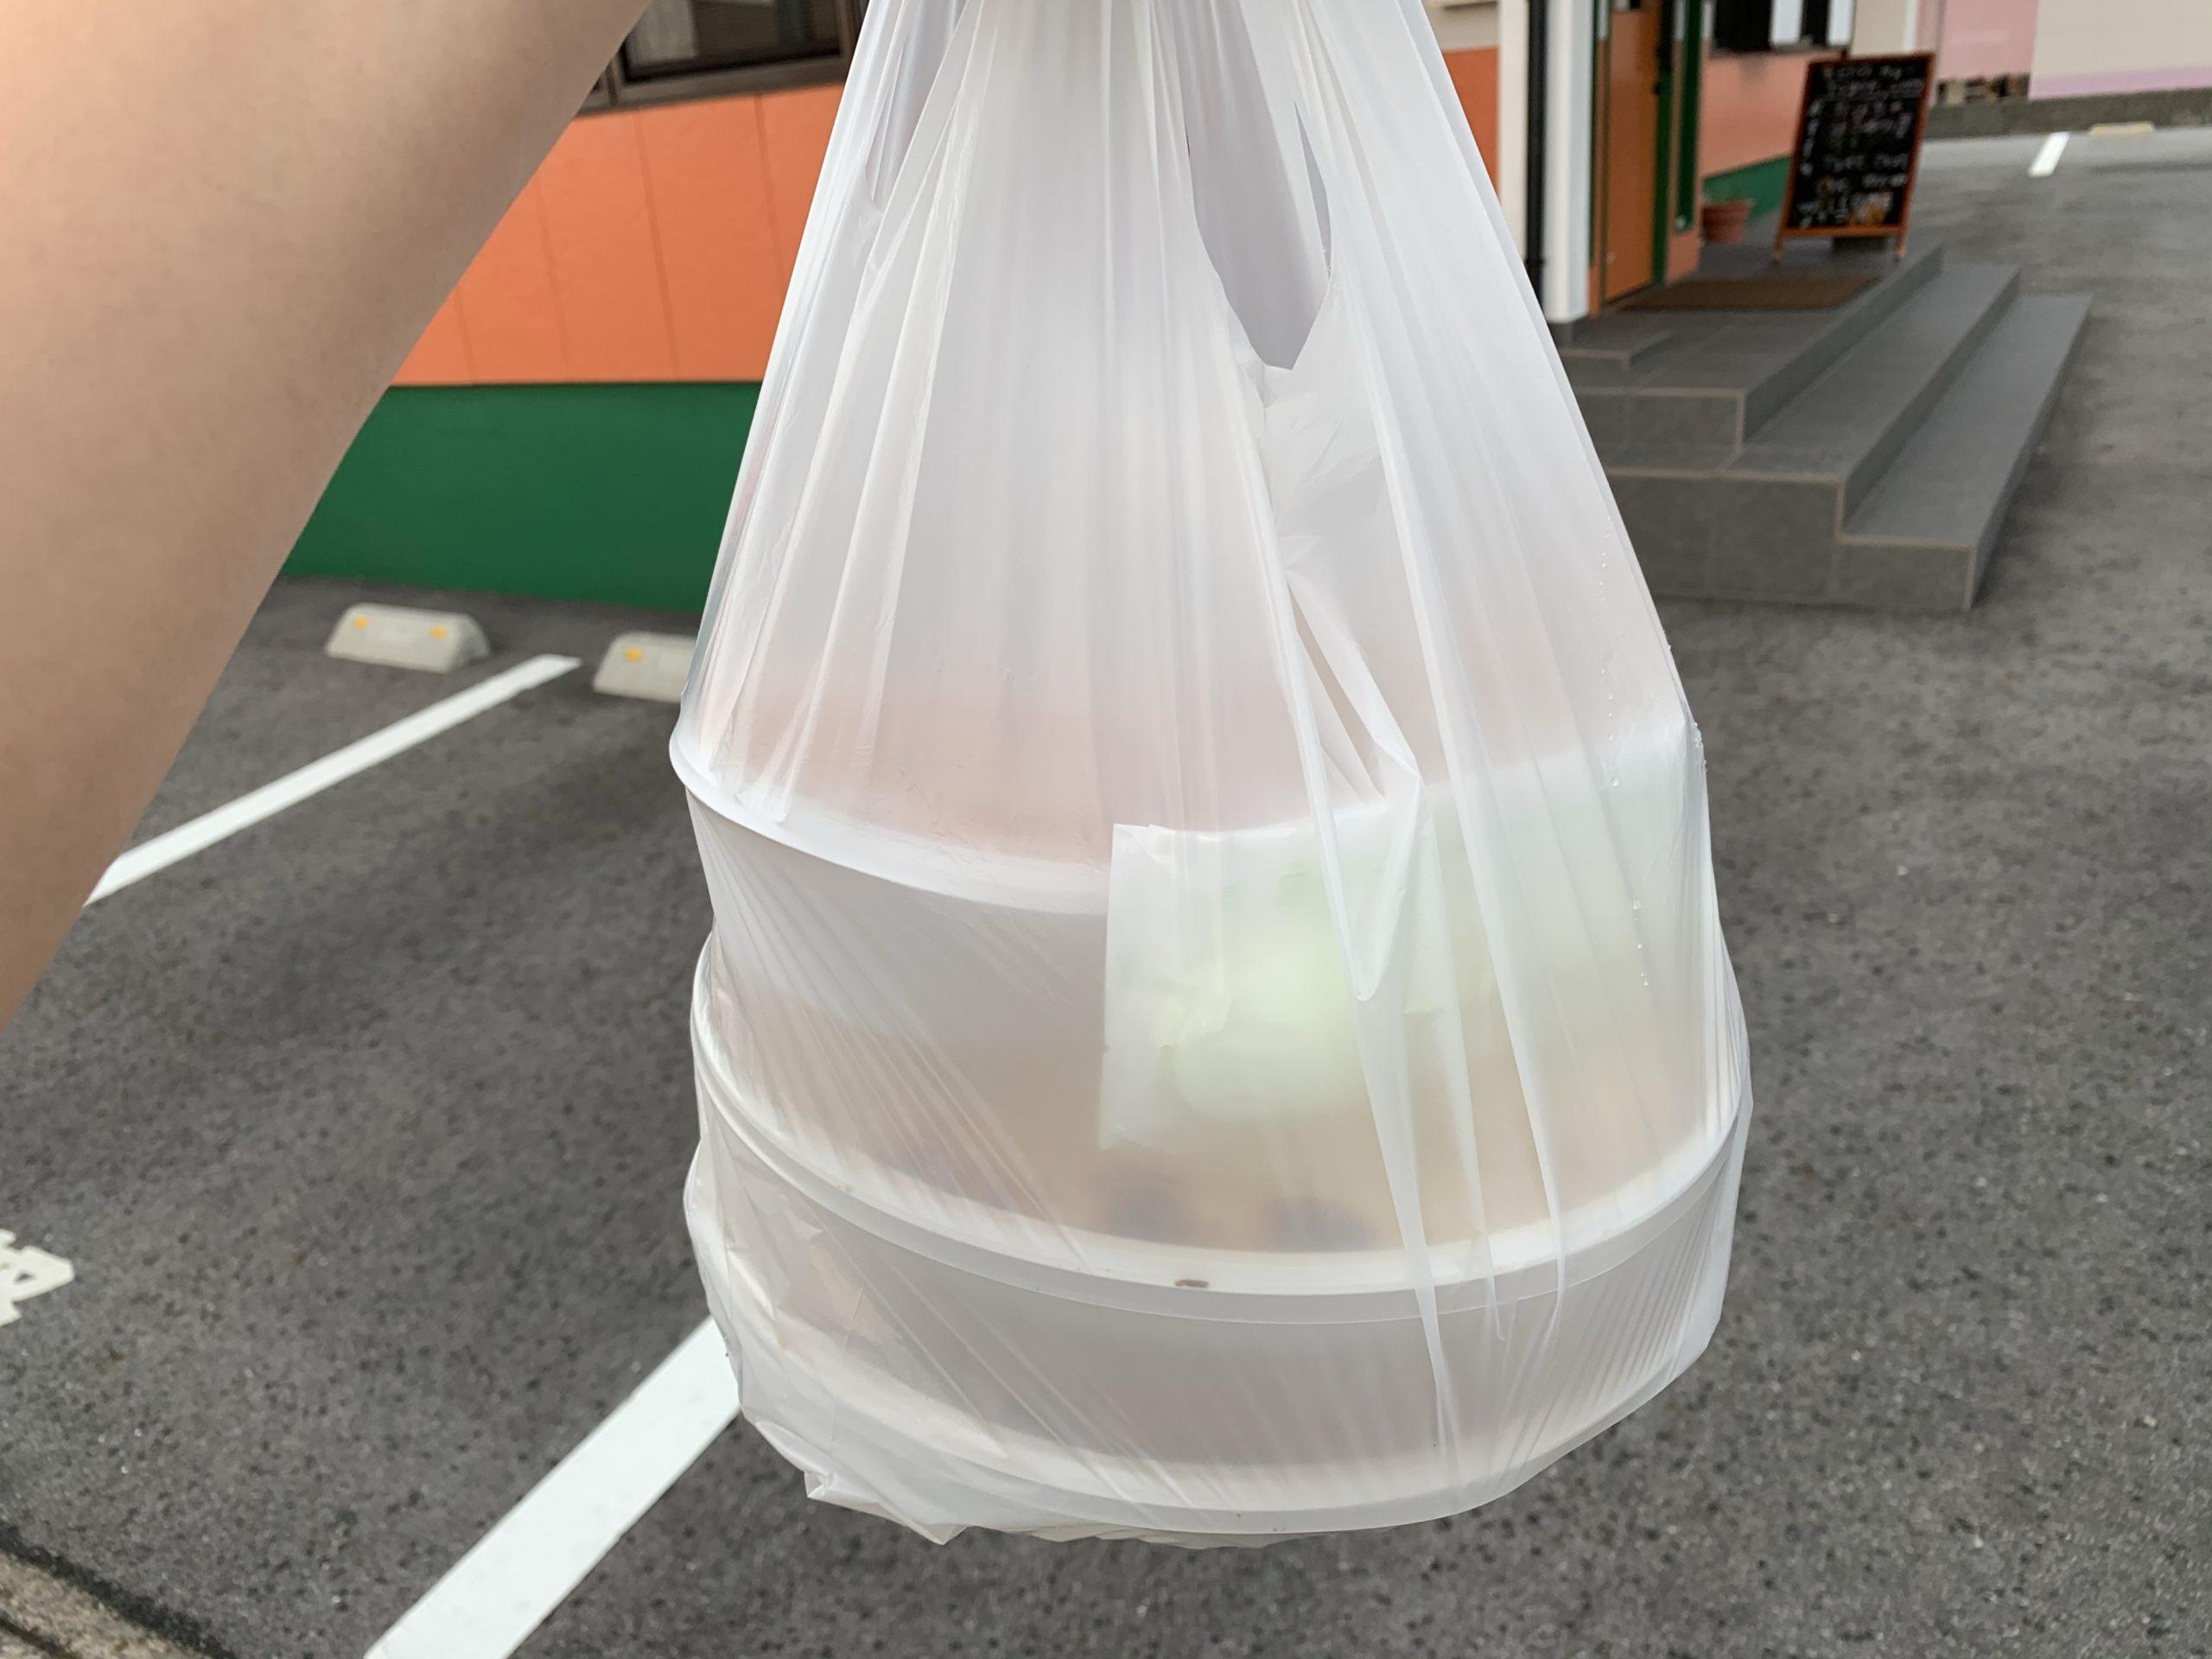 ナマステの持ち帰りの袋